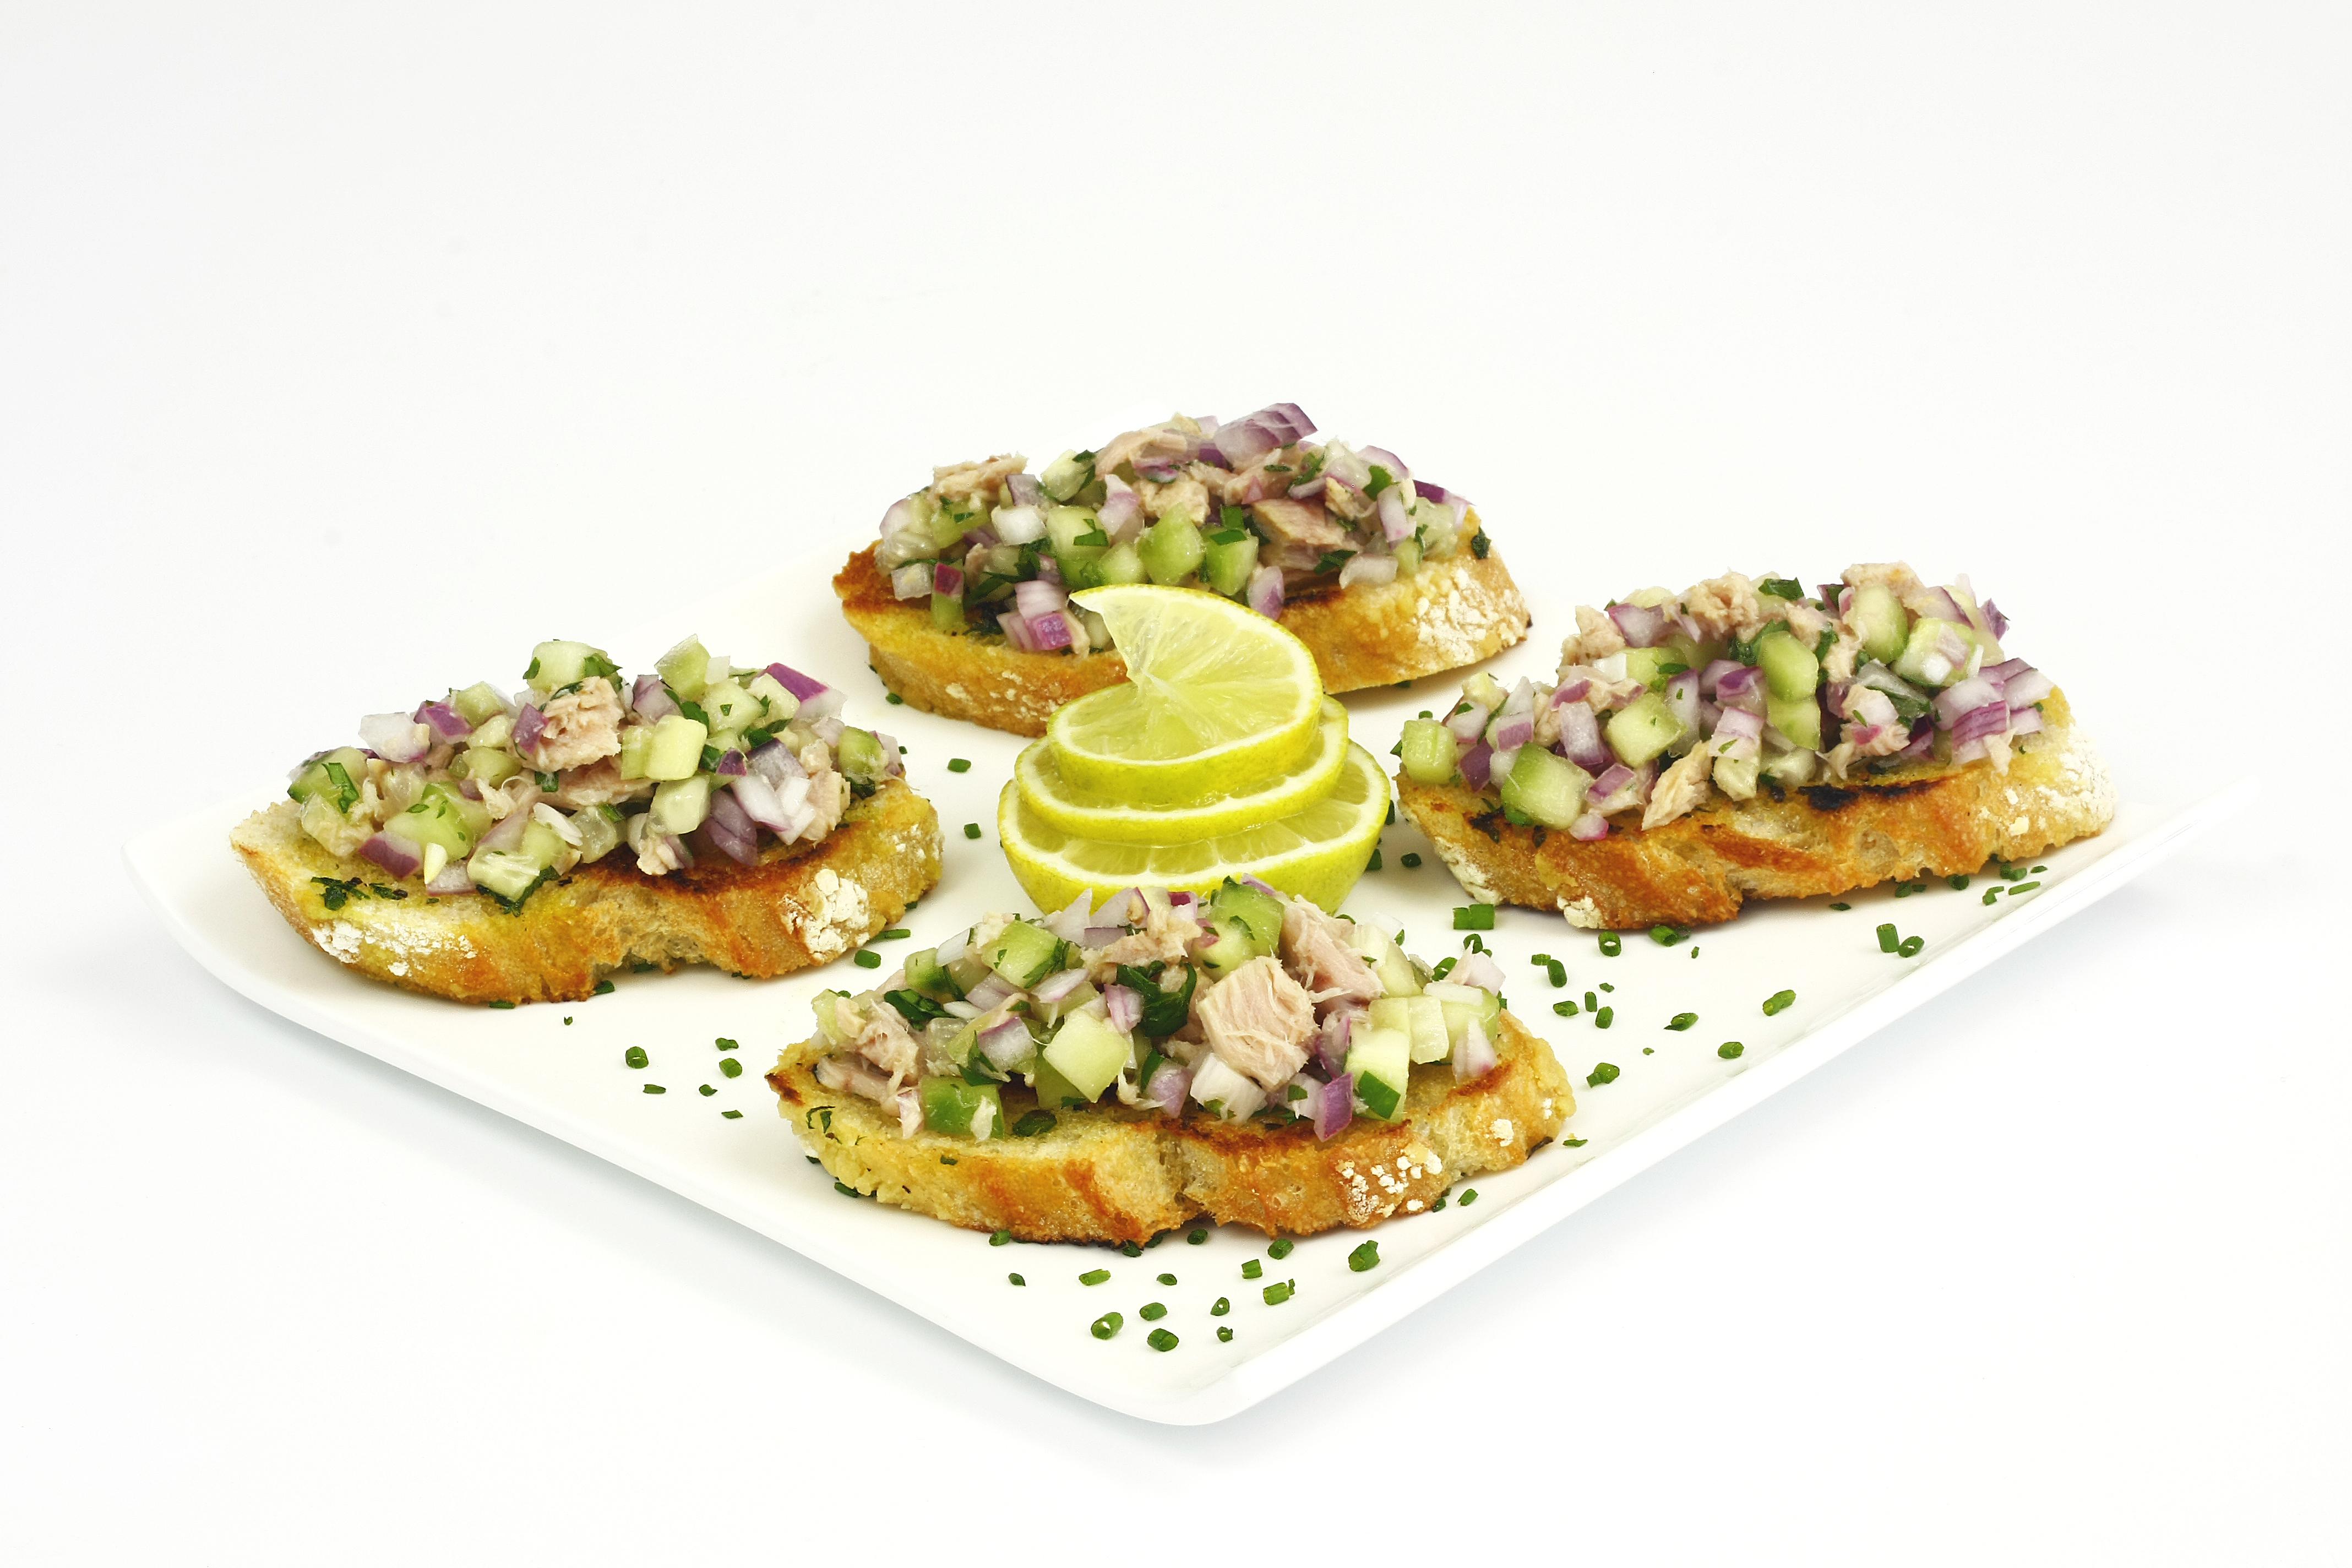 Crostini con ensalada de pepino y atún claro Calvo ligero